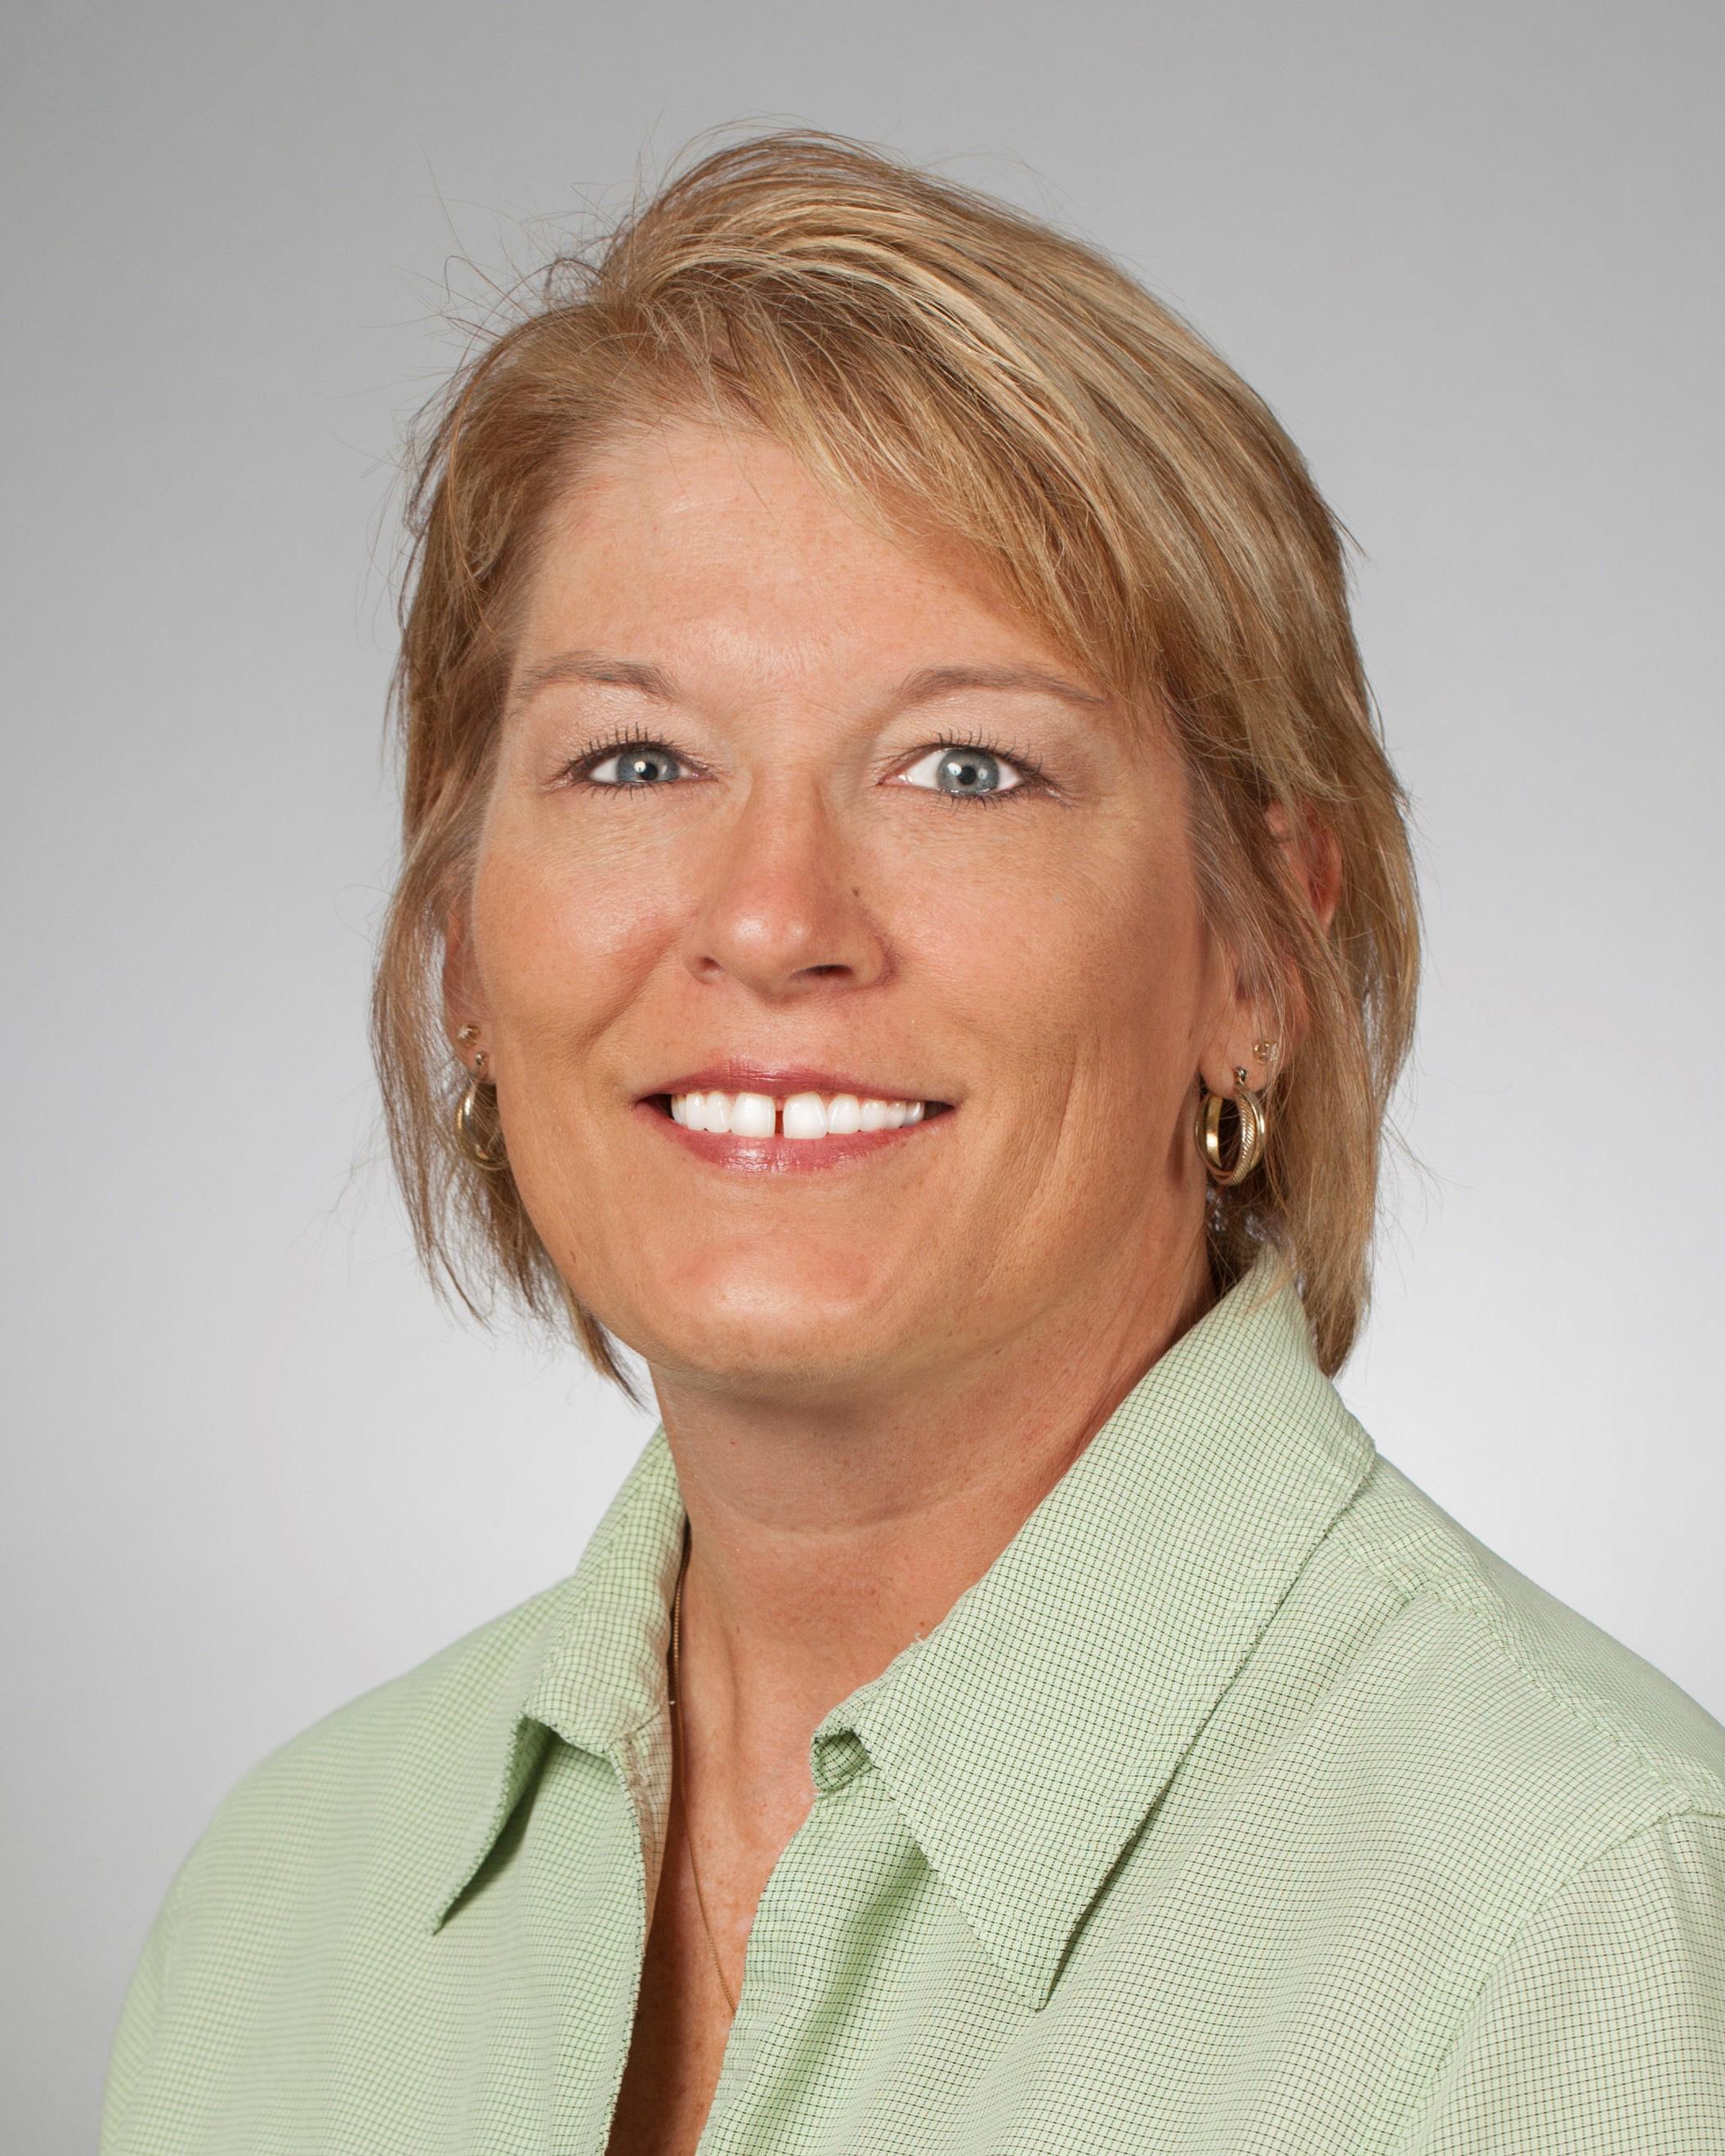 Picture of Karen Paulsen